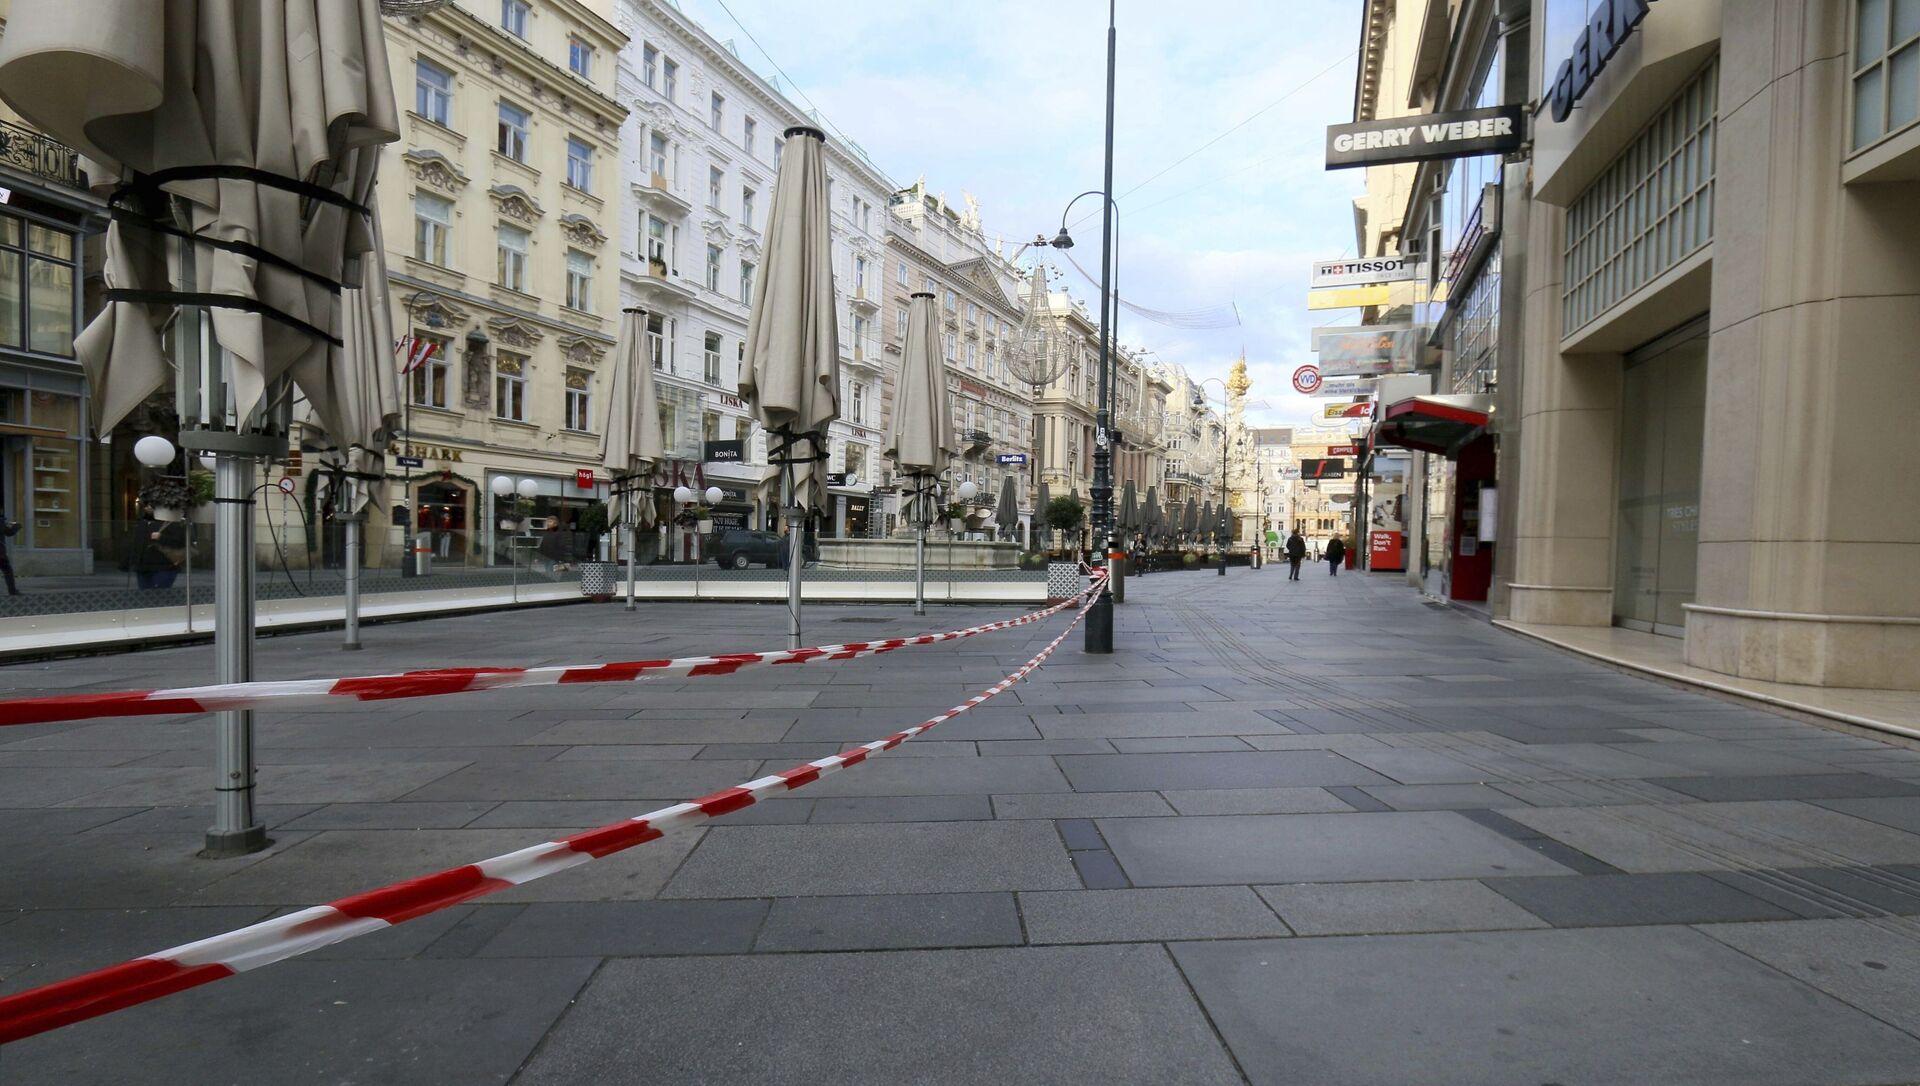 Các quán cà phê tại khu vực dành cho người đi bộ đóng cửa trong giai đoạn cách ly chống dịch ở Vienna, Áo. - Sputnik Việt Nam, 1920, 11.03.2021